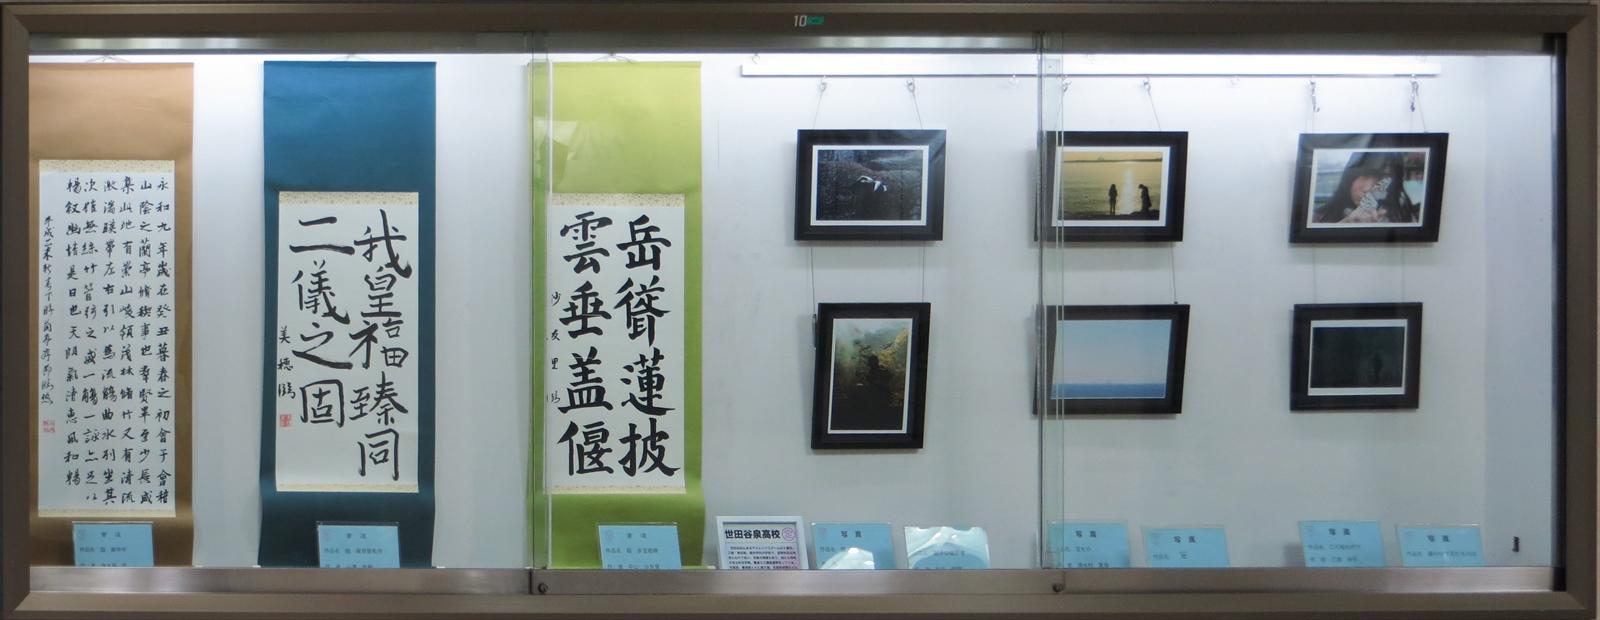 214_世田谷泉高校